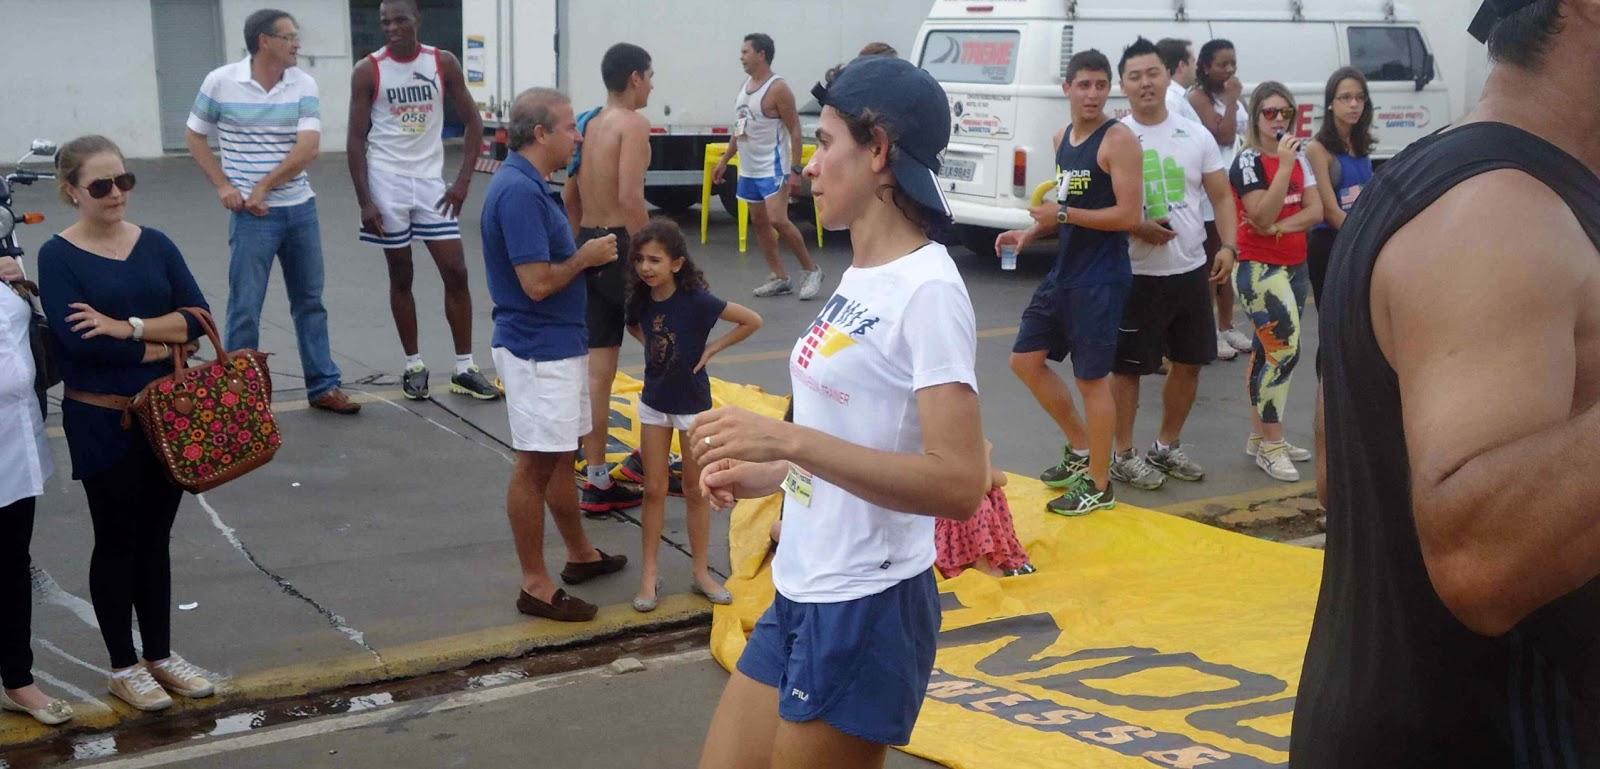 Foto 124 da 1ª Corrida Av. dos Coqueiros em Barretos-SP 14/04/2013 – Atletas cruzando a linha de chegada